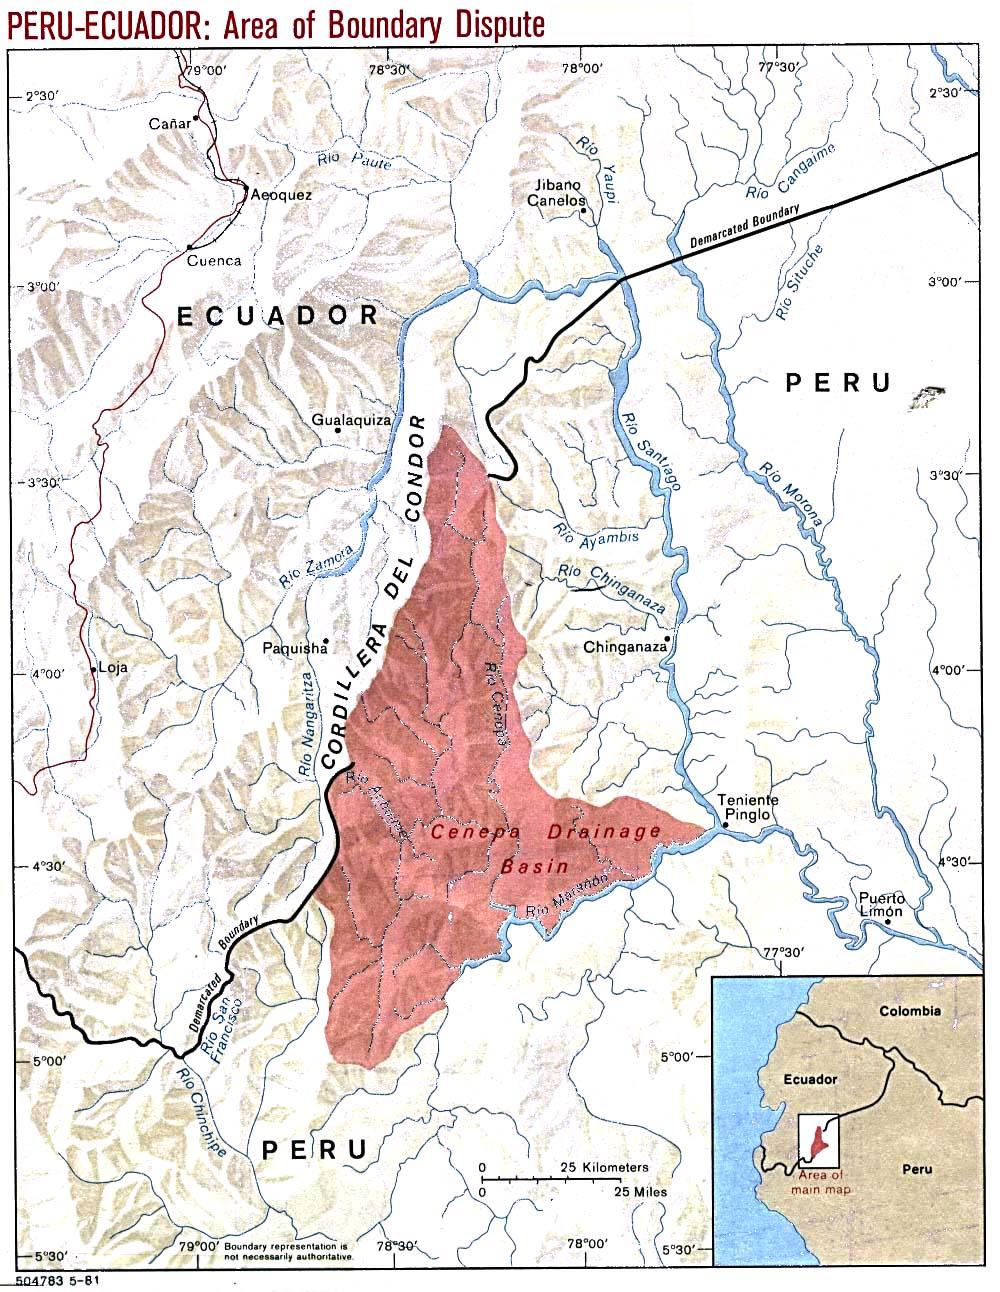 Mapa del Área de la Controversia Fronteriza, Perú - Ecuador 1981